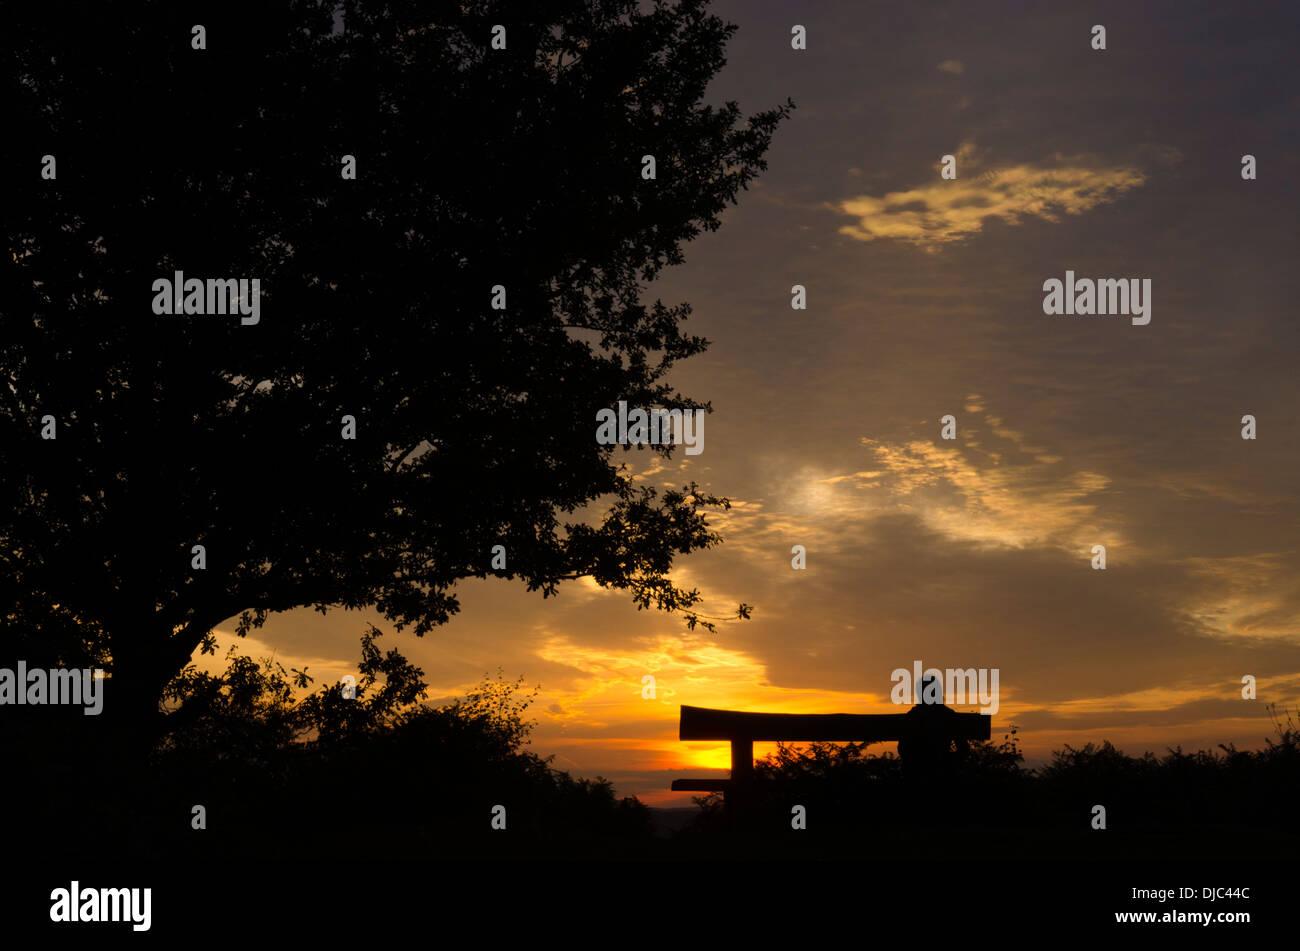 Donna sul banco di prova a guardare il tramonto da vecchie colle sul Woolbeding comune, West Sussex, Regno Unito. Settembre. Immagini Stock